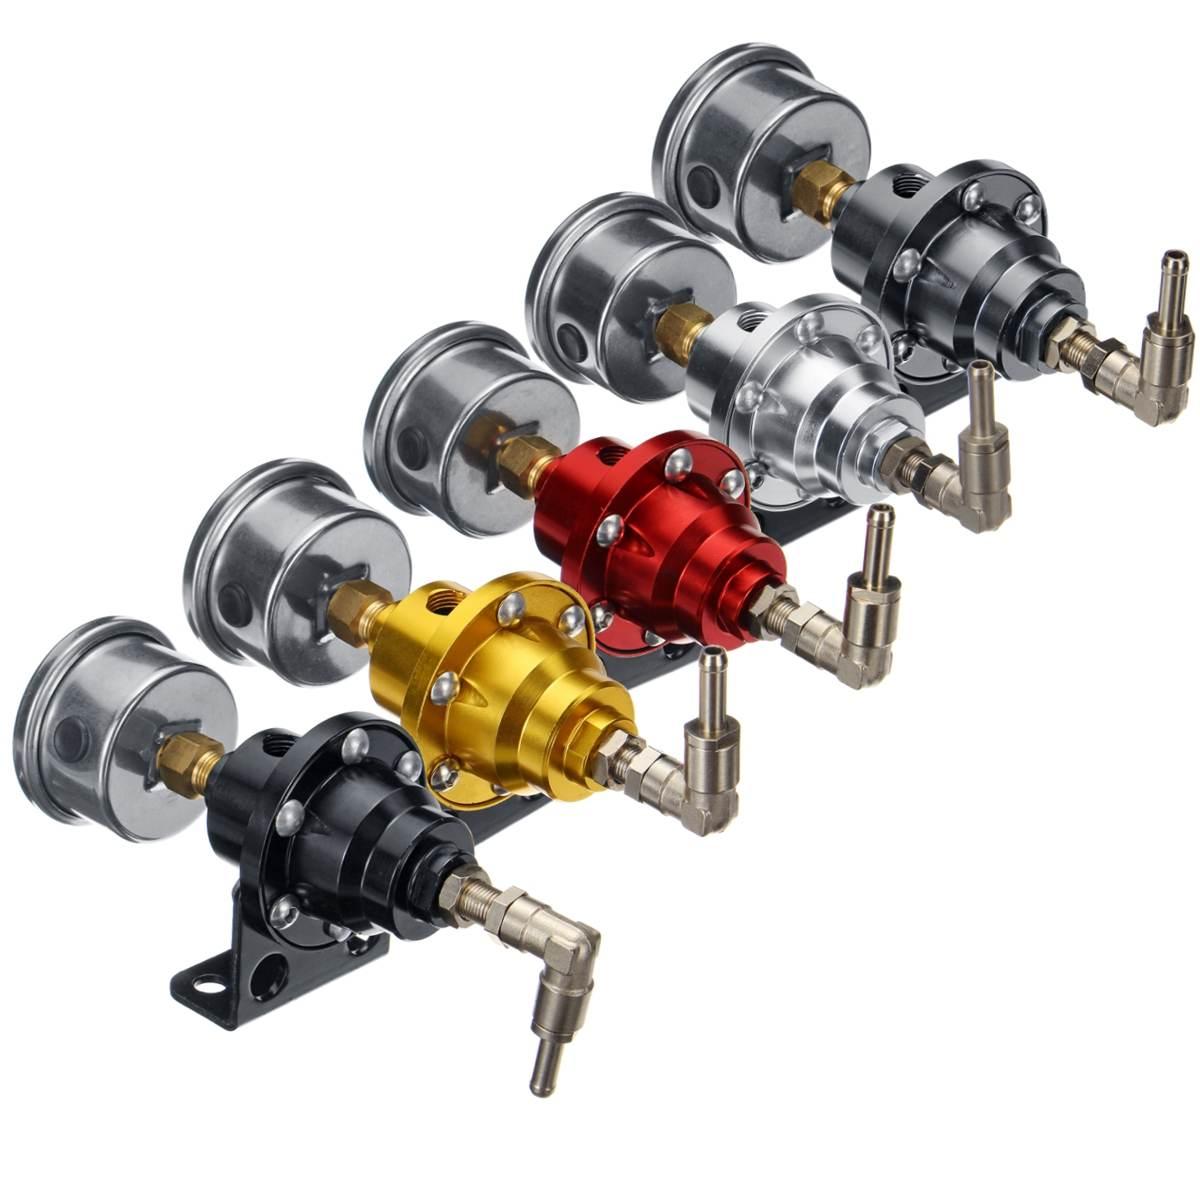 黒チタンレッドゴールドシルバーブルーユニバーサル調整可能なアルミ燃料圧力ゲージキット 6 色